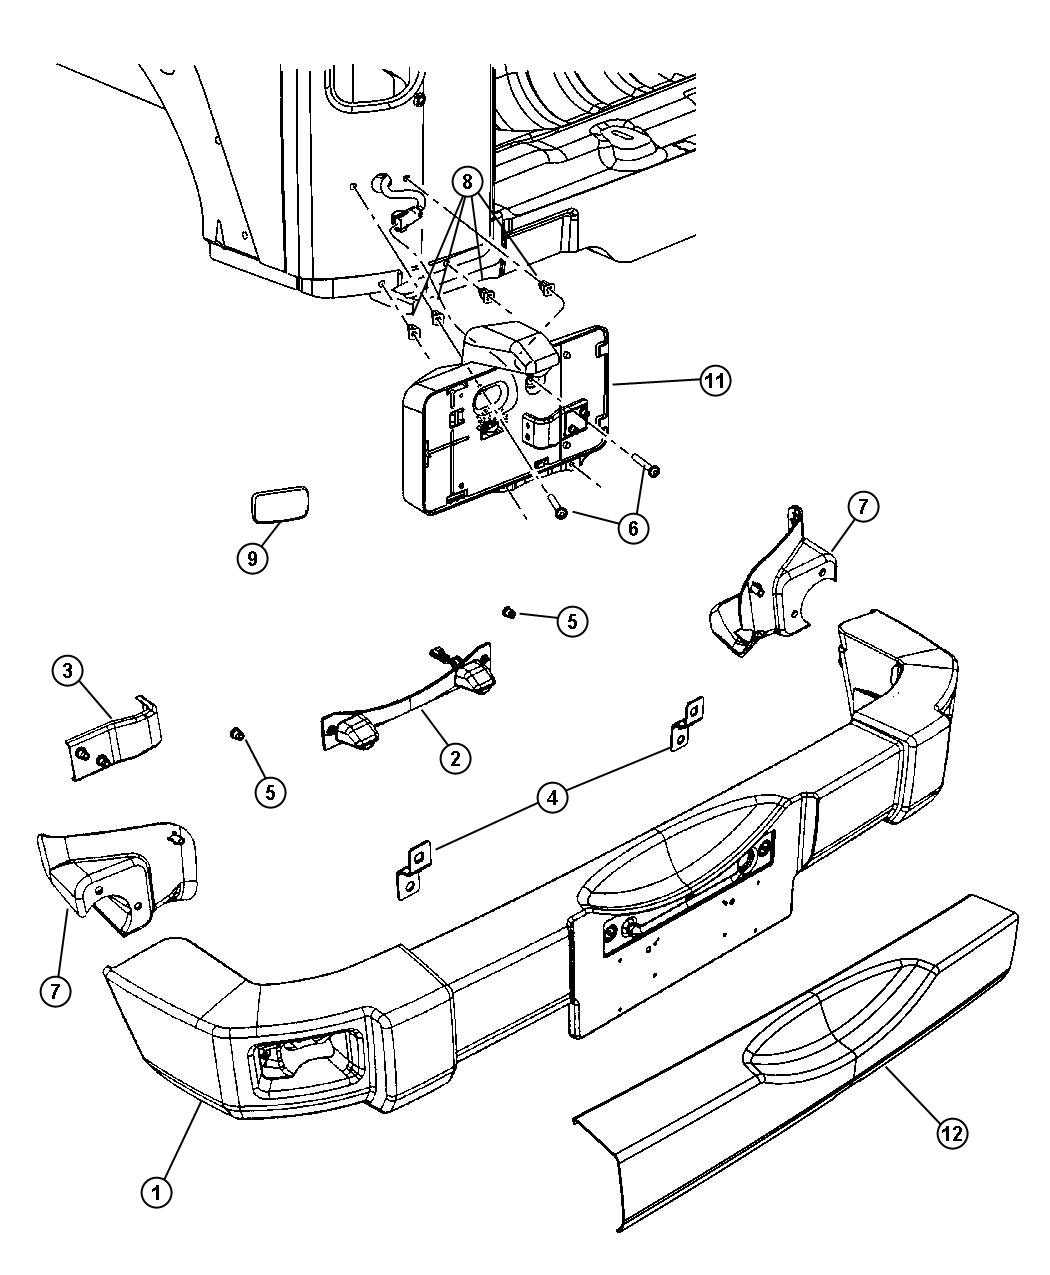 02 jeep wrangler wiring diagram freightliner starter after marker jk rear bumper forum the top